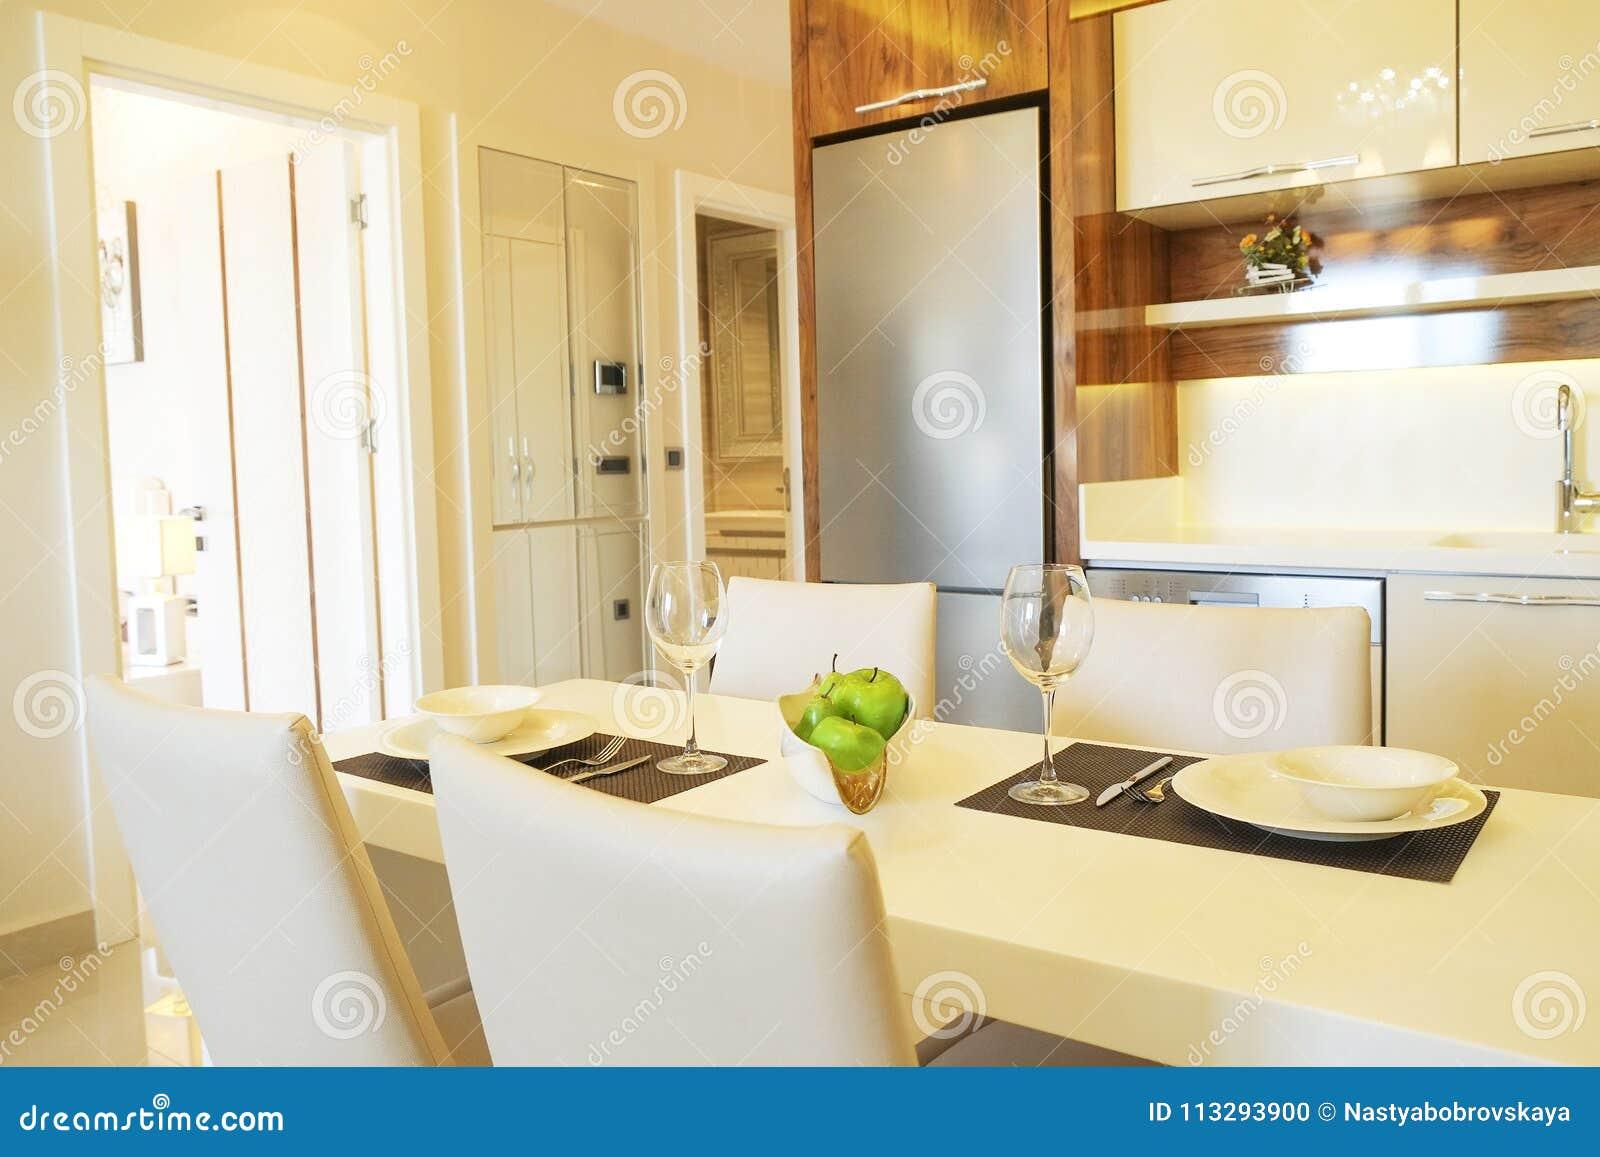 apartamento hermoso con dise o interior moderno